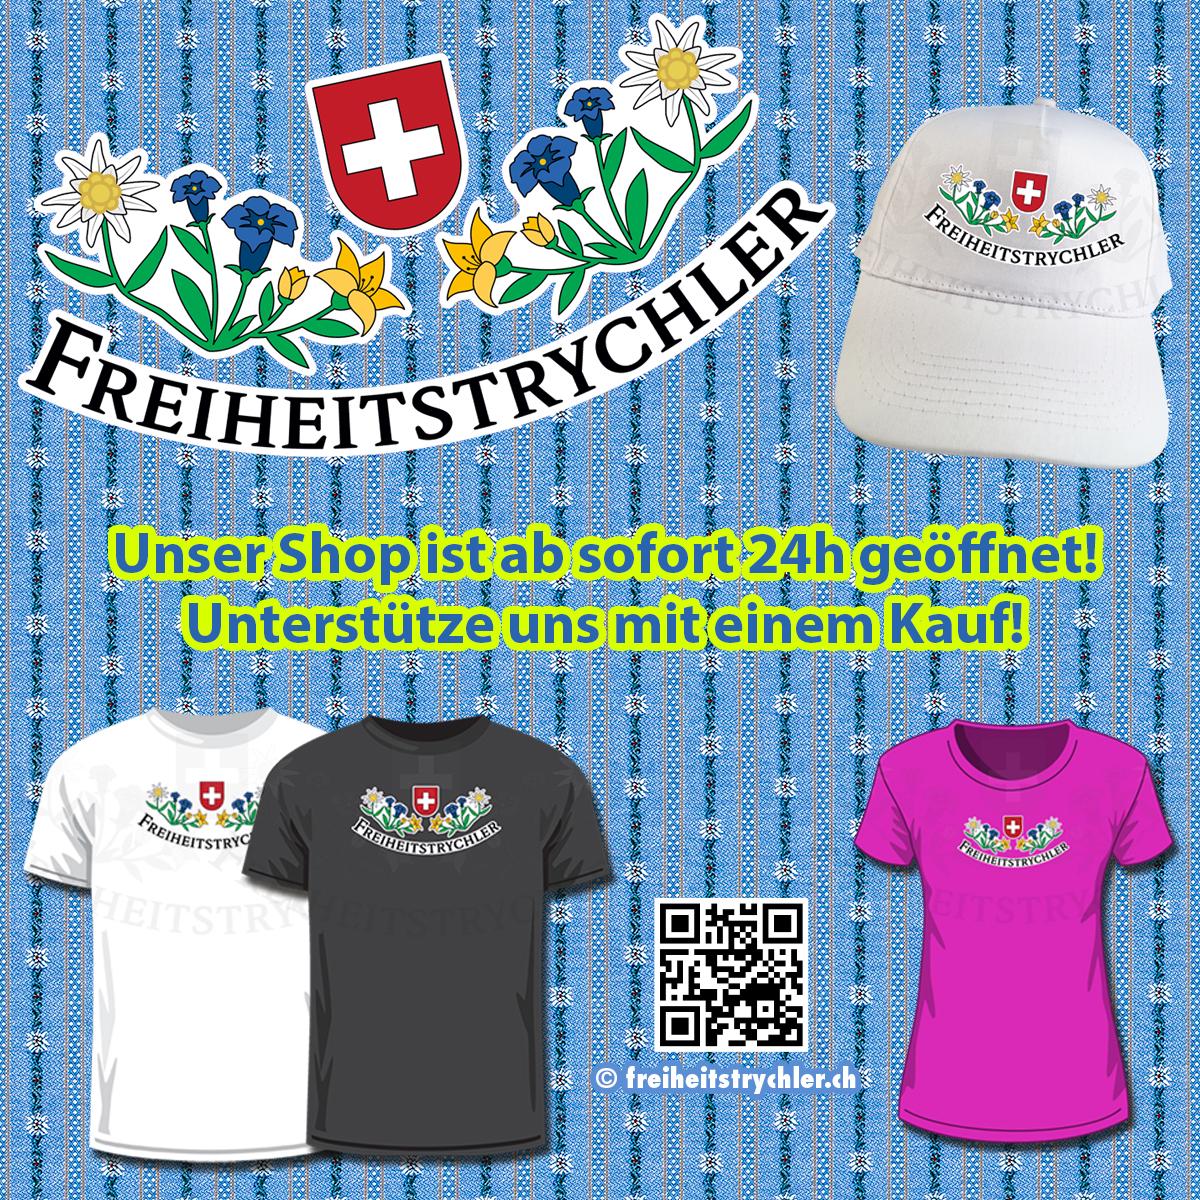 FREIHEITSTRYCHLER Shop ist online!